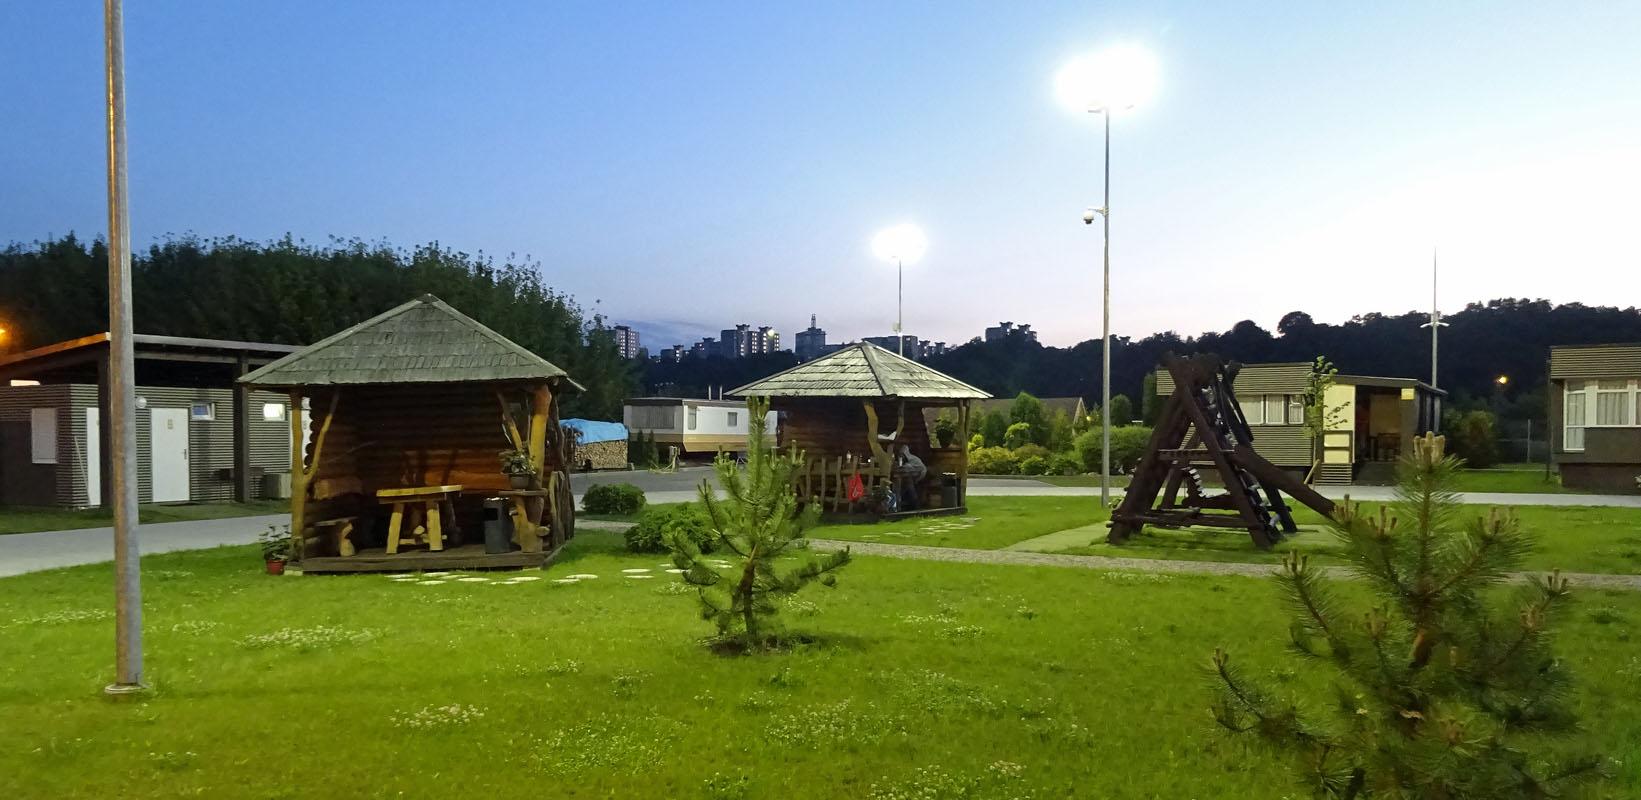 Die Aussenanlagen von Kaunas City Camping. Fotos: Henze